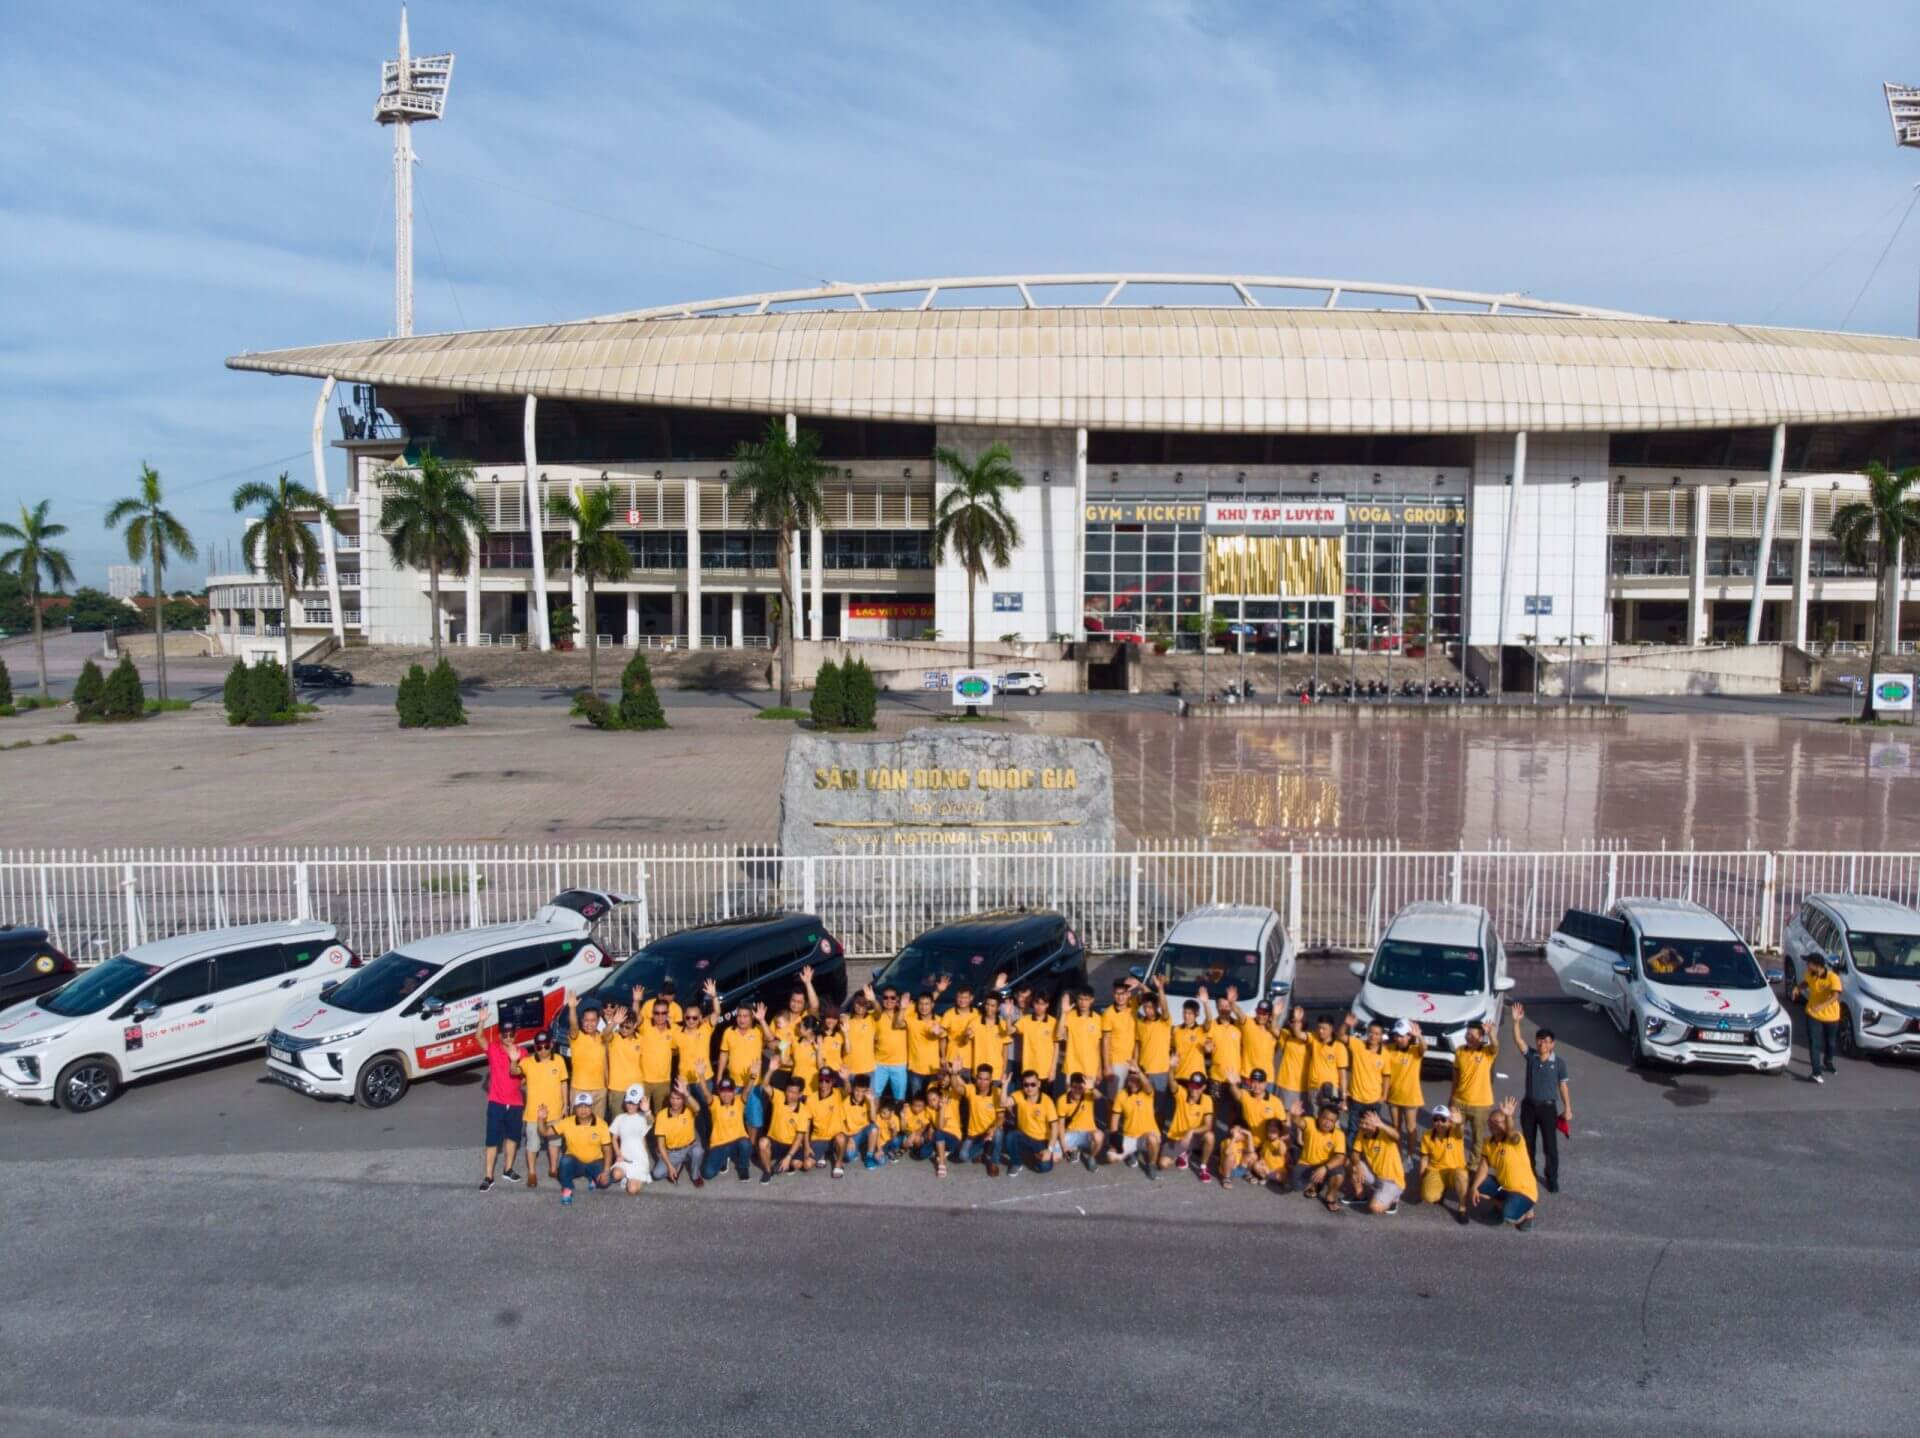 Hành trình về cao nguyên Mộc Châu của Câu lạc bộ Mitsubishi Xpander Việt Nam